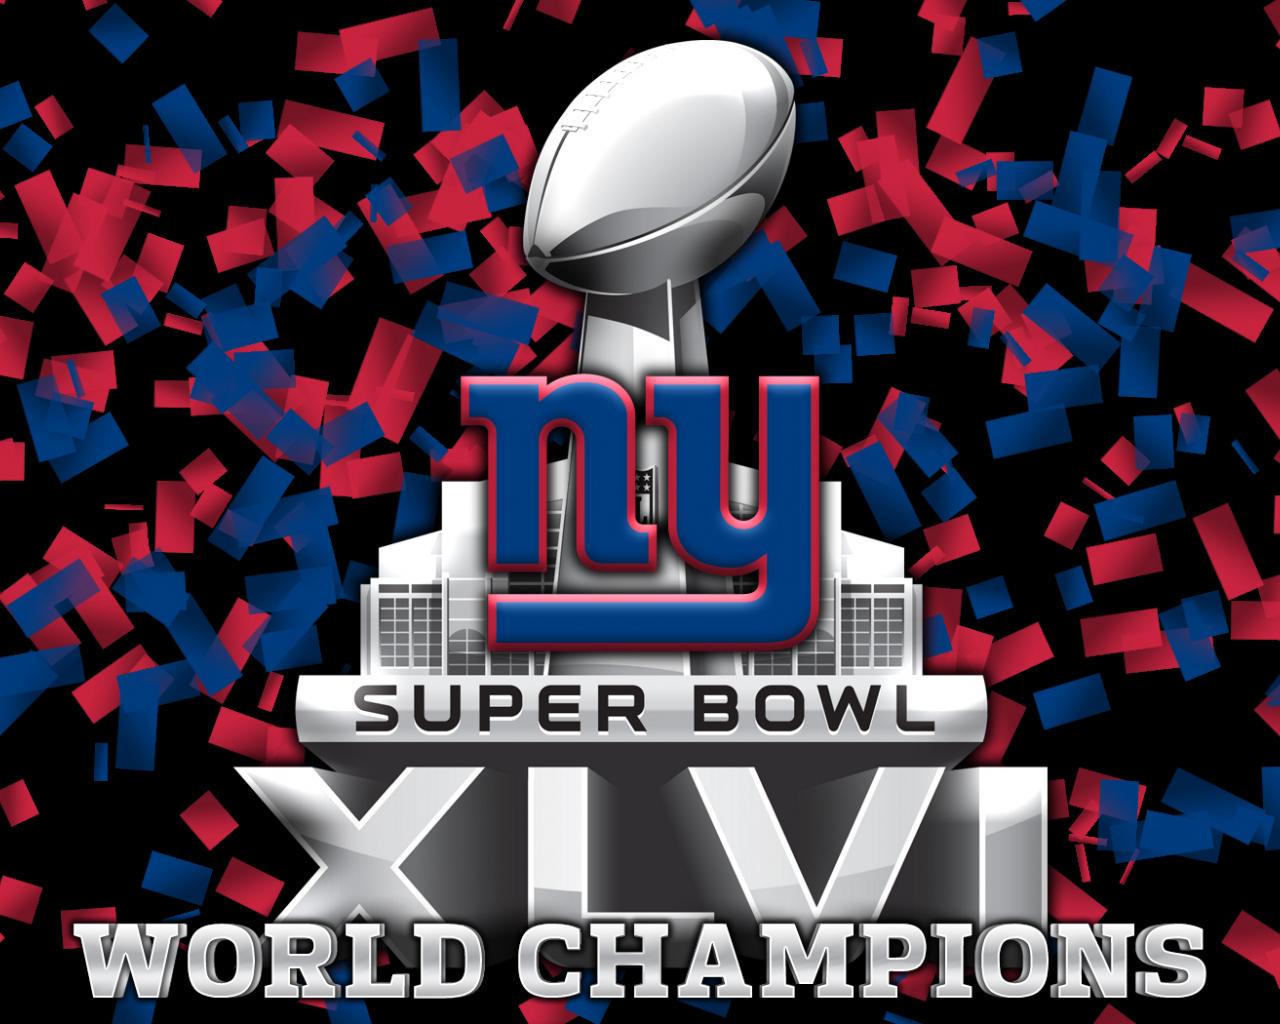 Free Download New York Giants Desktop Wallpaper New York Giants